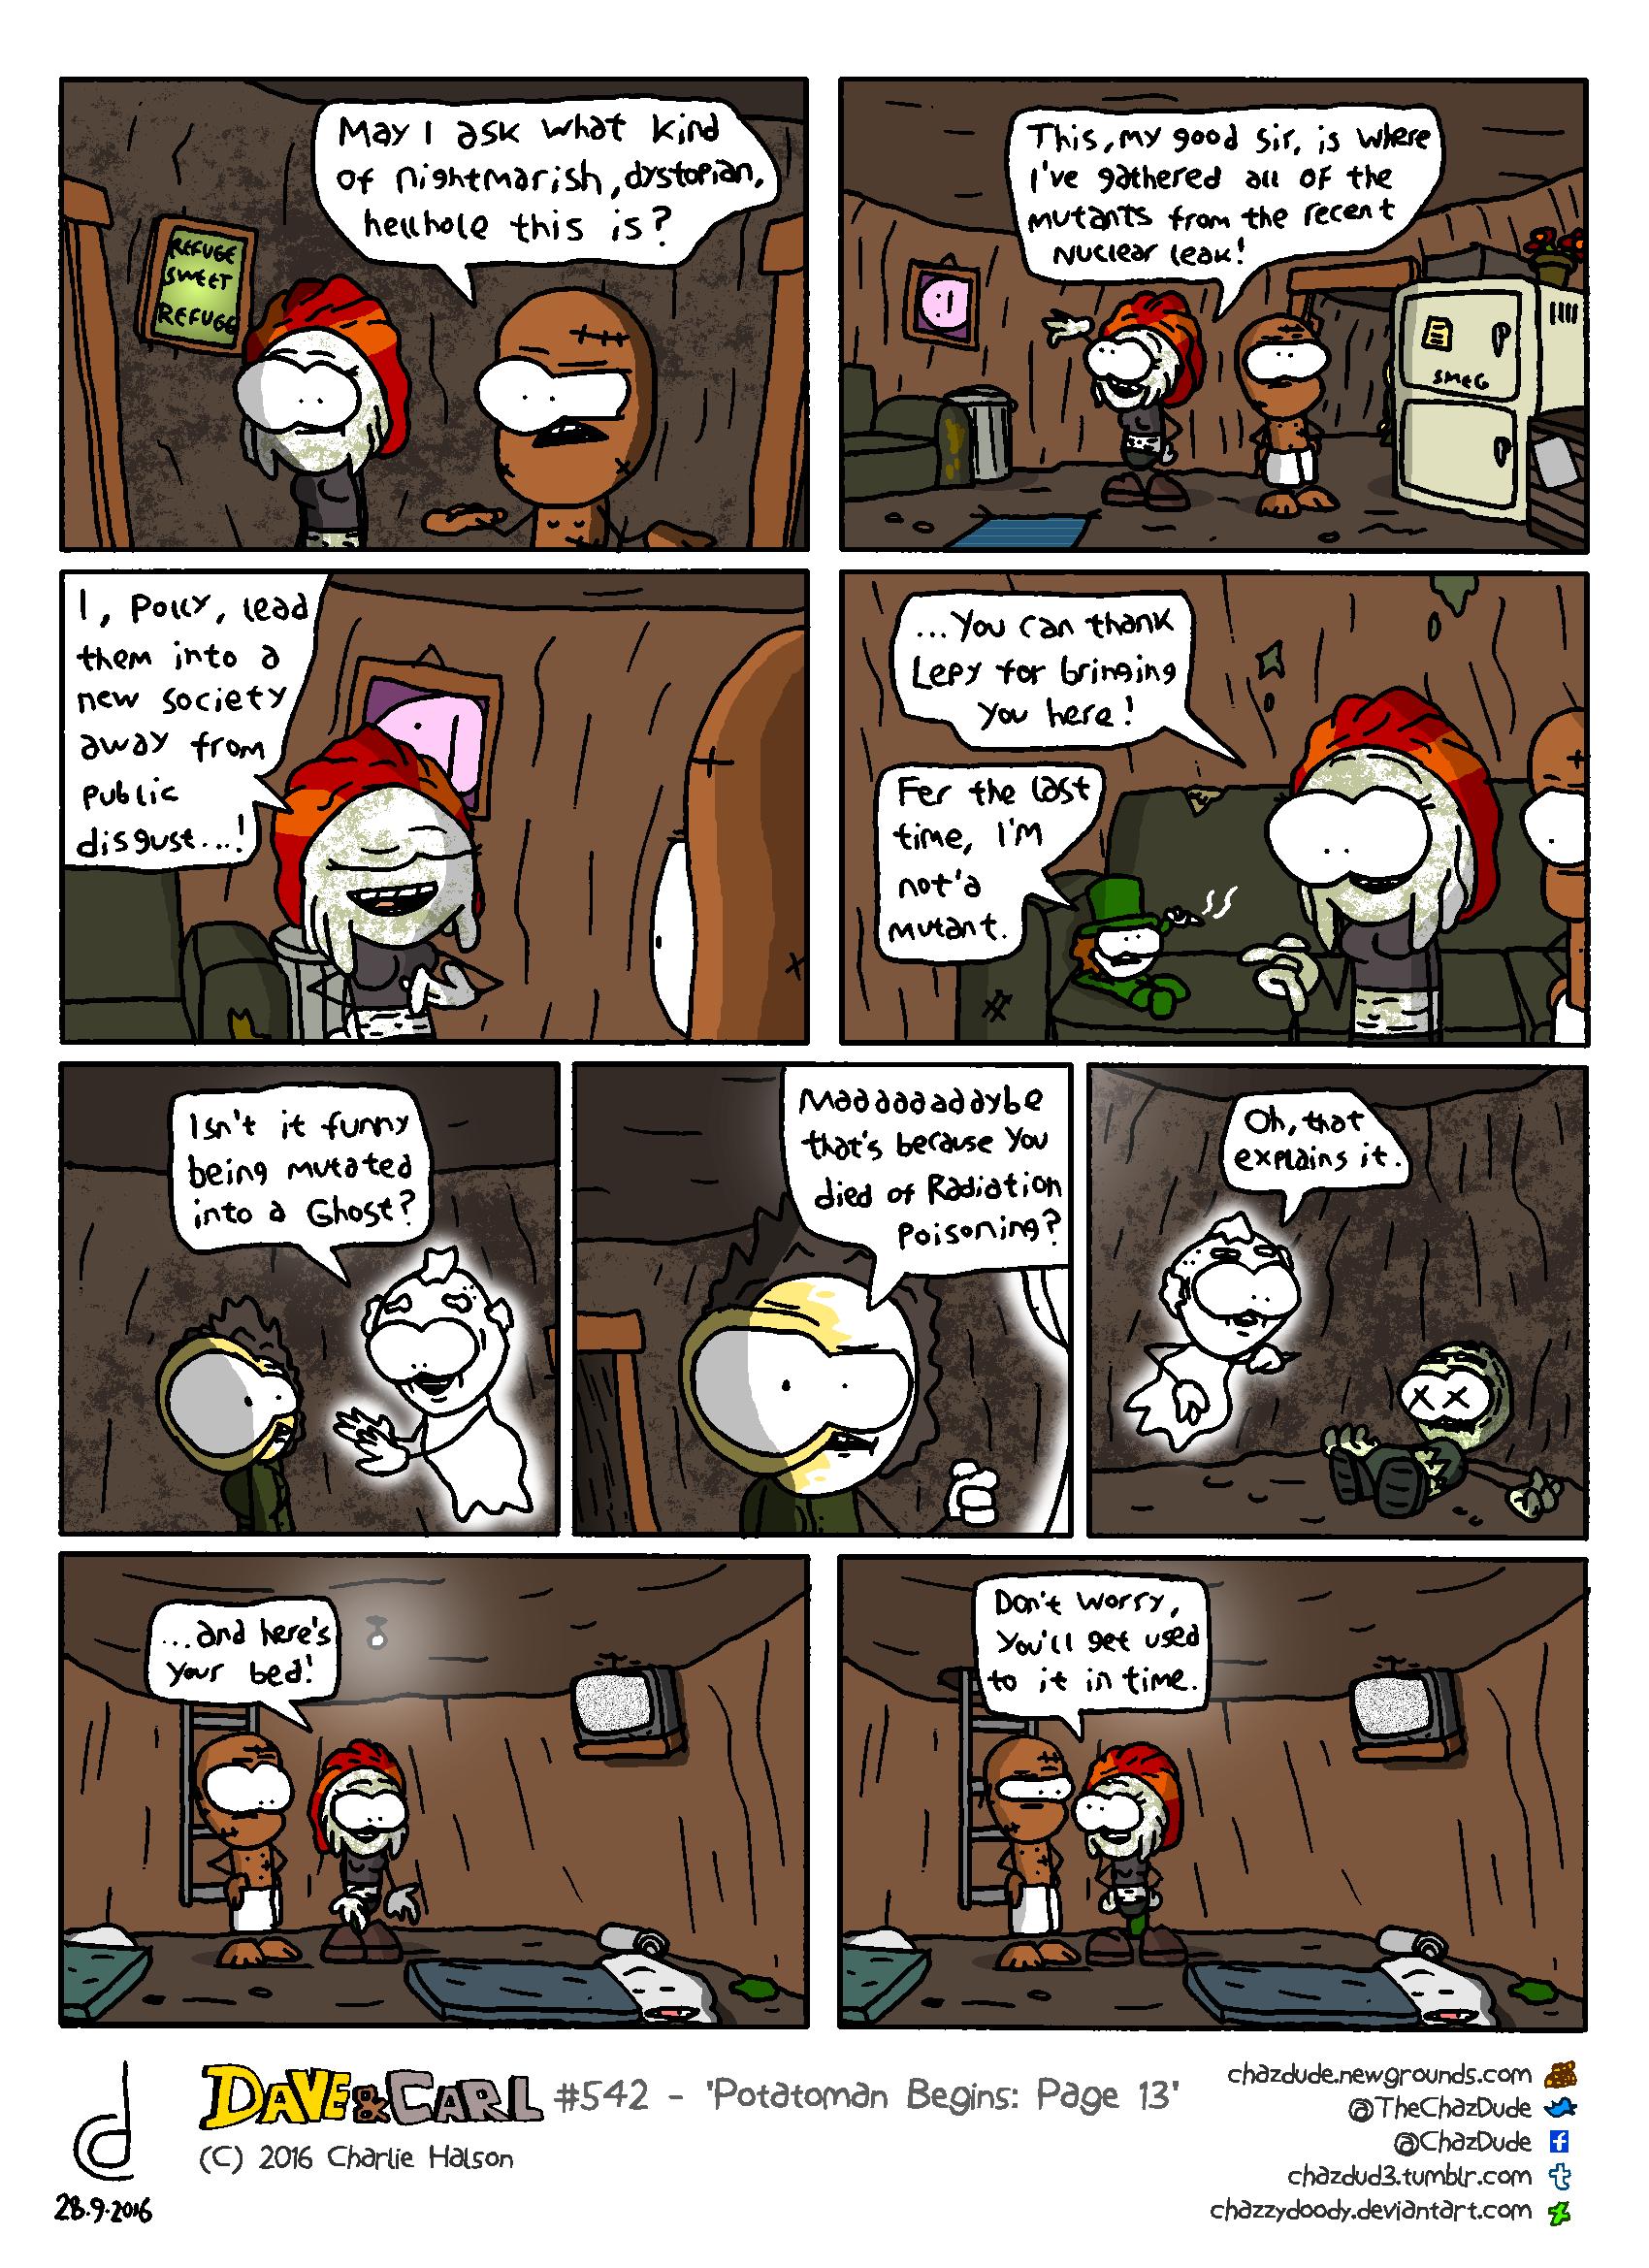 Potatoman Begins: Page 13